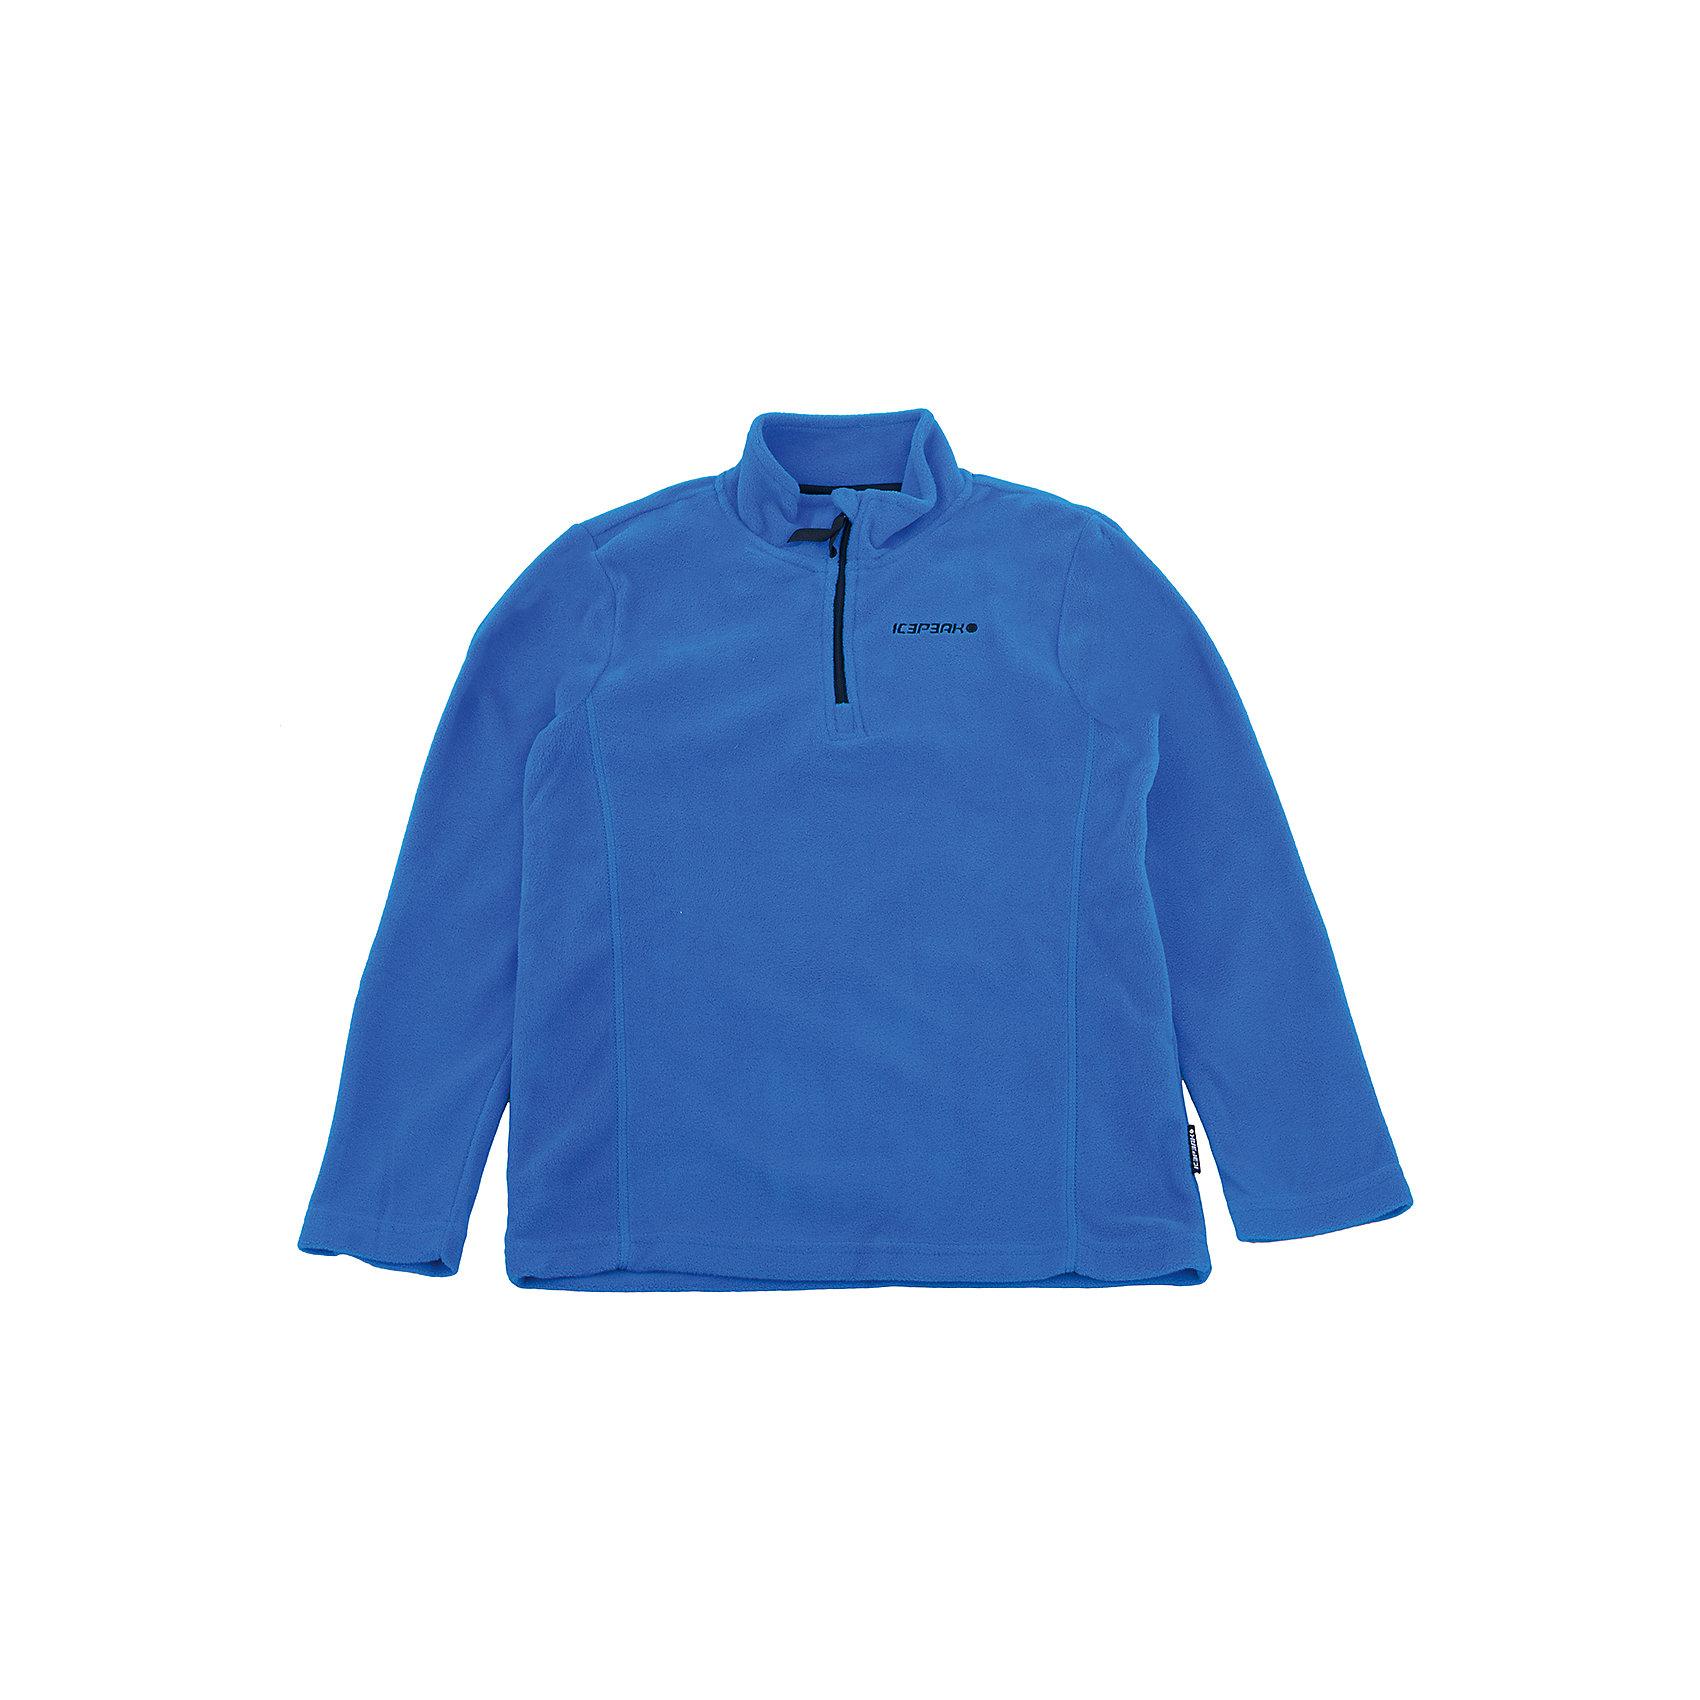 Толстовка для мальчика ICEPEAKТолстовки<br>Толстовка для мальчика от известного бренда ICEPEAK.<br>Толстовка флис с молнией , плотность 210 гр./кв.м.<br>Состав:<br>100% полиэстер<br><br>Ширина мм: 190<br>Глубина мм: 74<br>Высота мм: 229<br>Вес г: 236<br>Цвет: синий<br>Возраст от месяцев: 84<br>Возраст до месяцев: 96<br>Пол: Мужской<br>Возраст: Детский<br>Размер: 128,164,140,152<br>SKU: 5413836